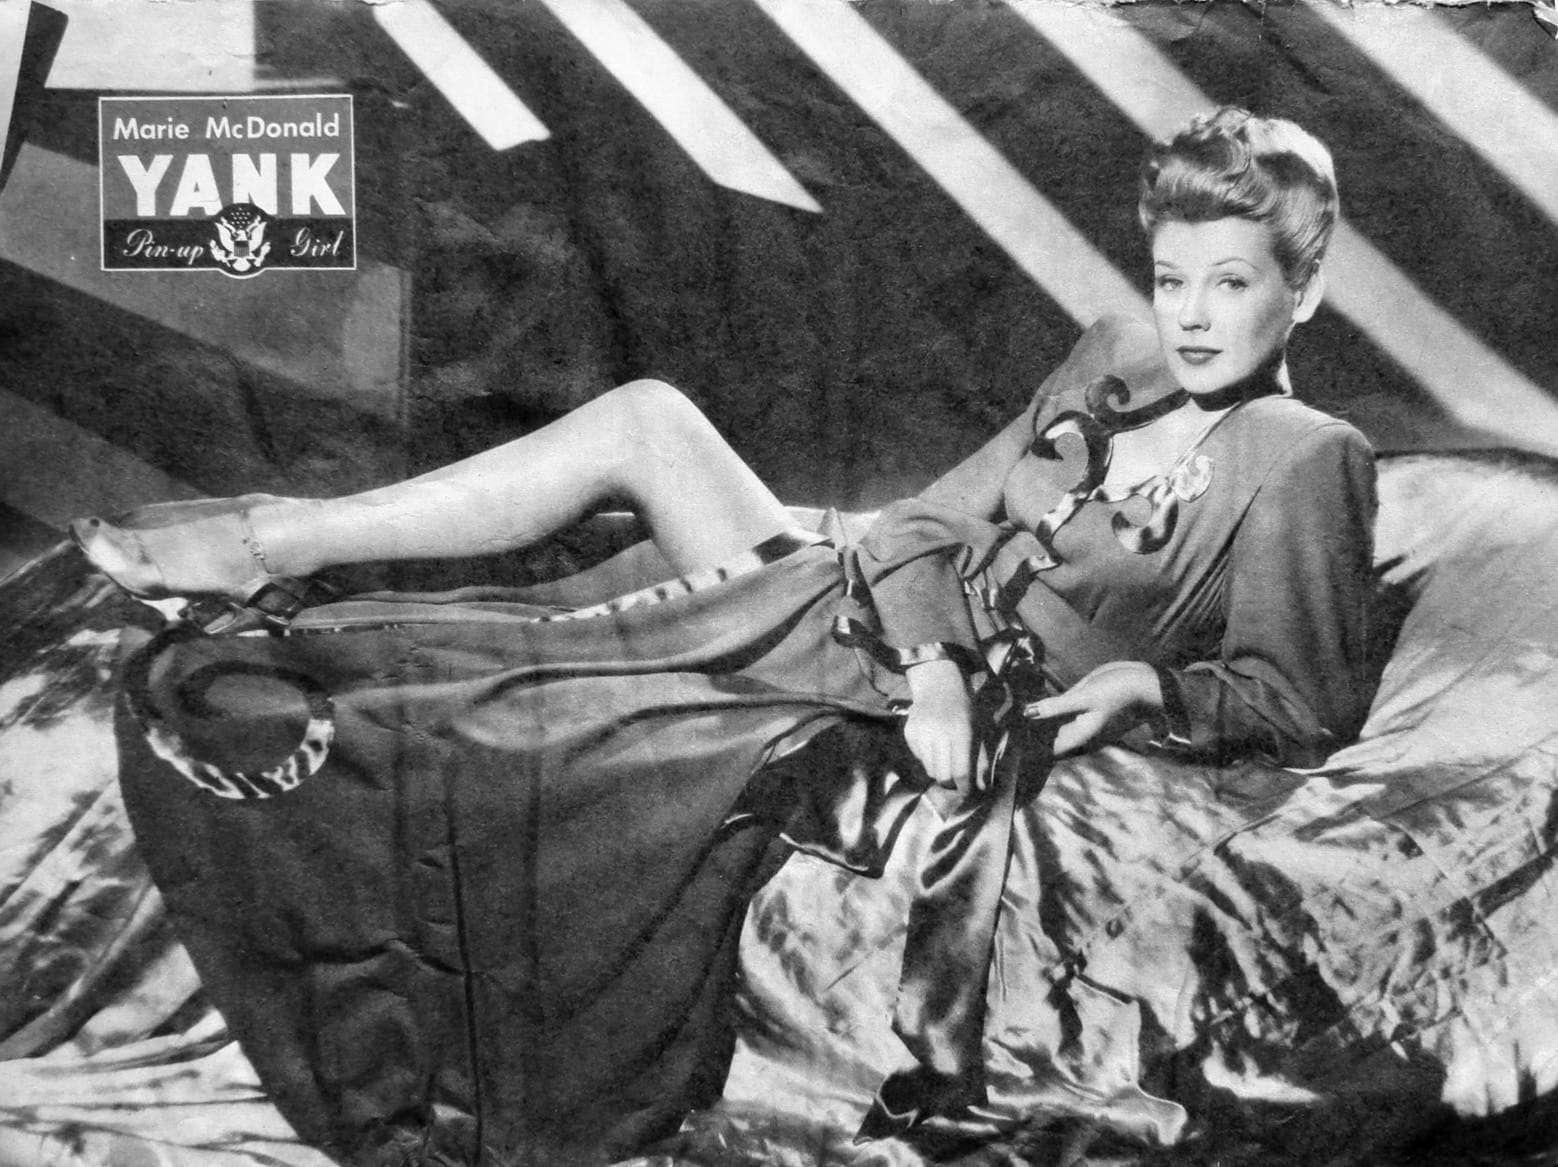 Marie McDonald YANK 25 Aug 1944